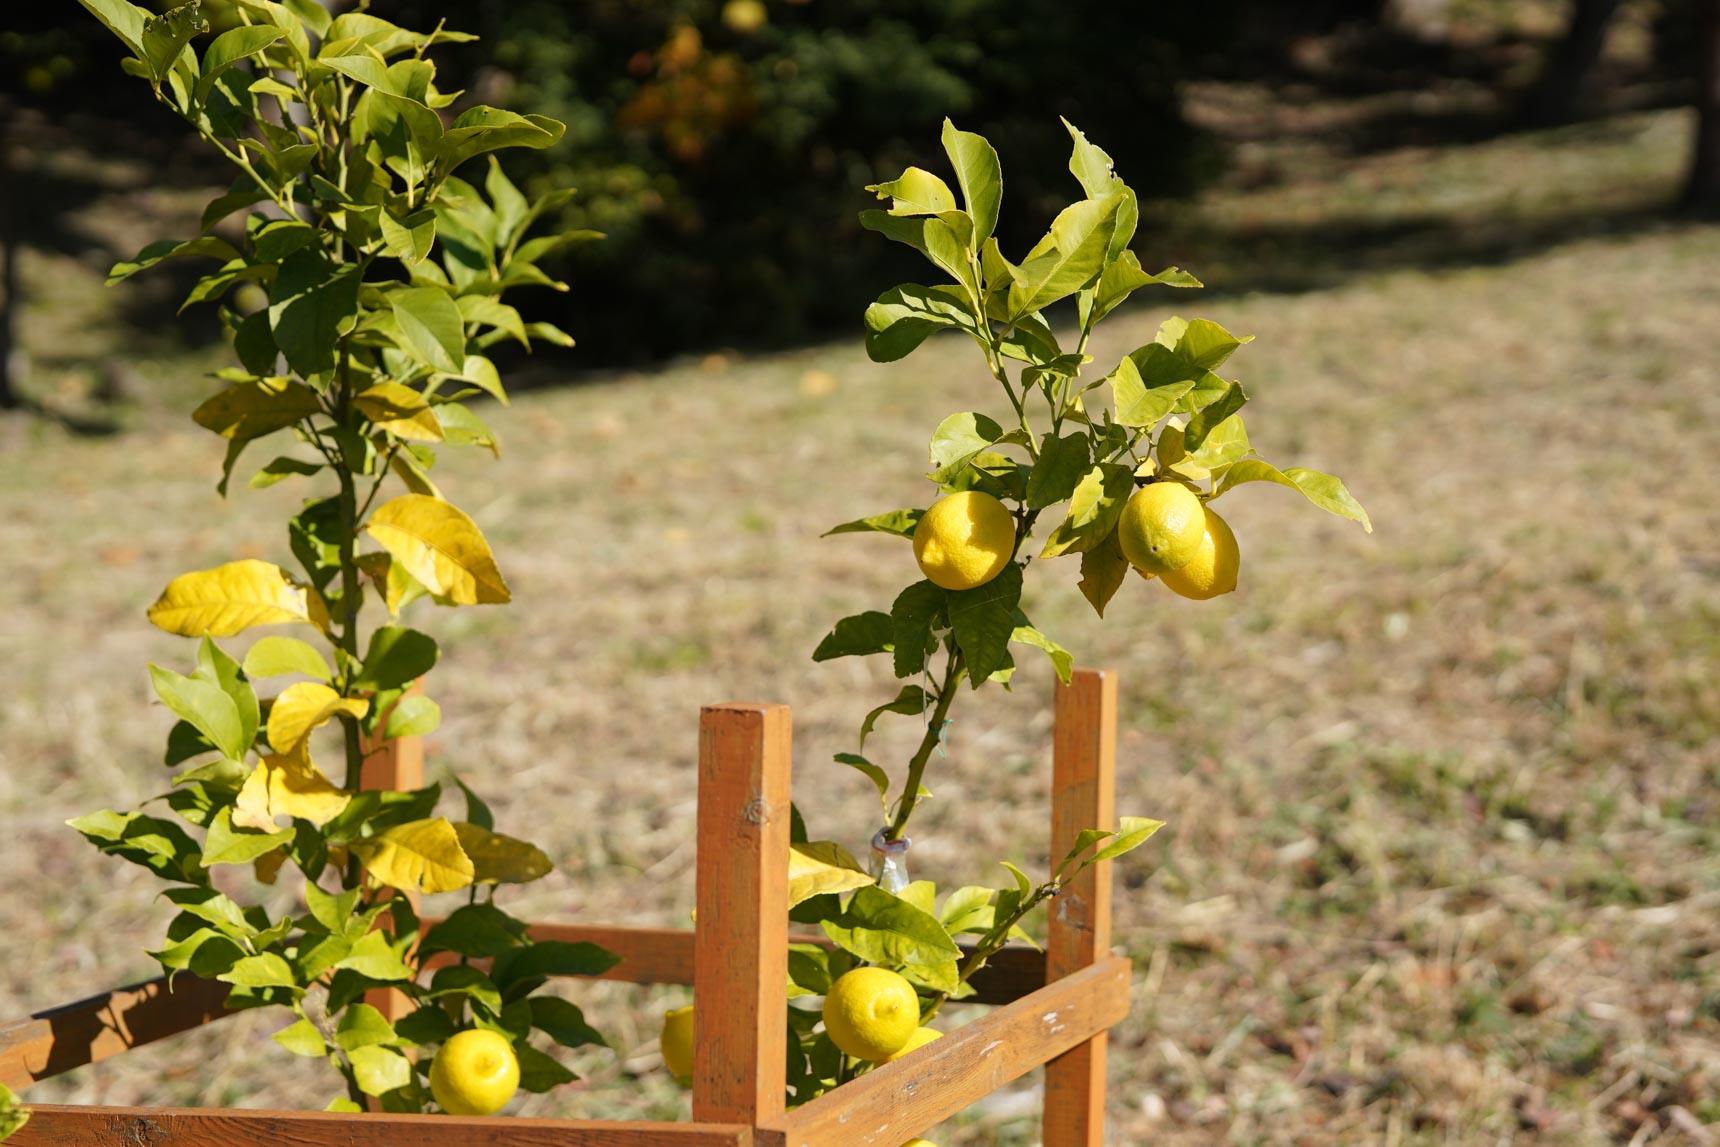 こちらは、泉北ニュータウンまちびらき50周年を記念して敷地内に植えられた「泉北レモン」。このレモンを使って、やまわけキッチンでレモネードが振る舞われたこともあるそうです。